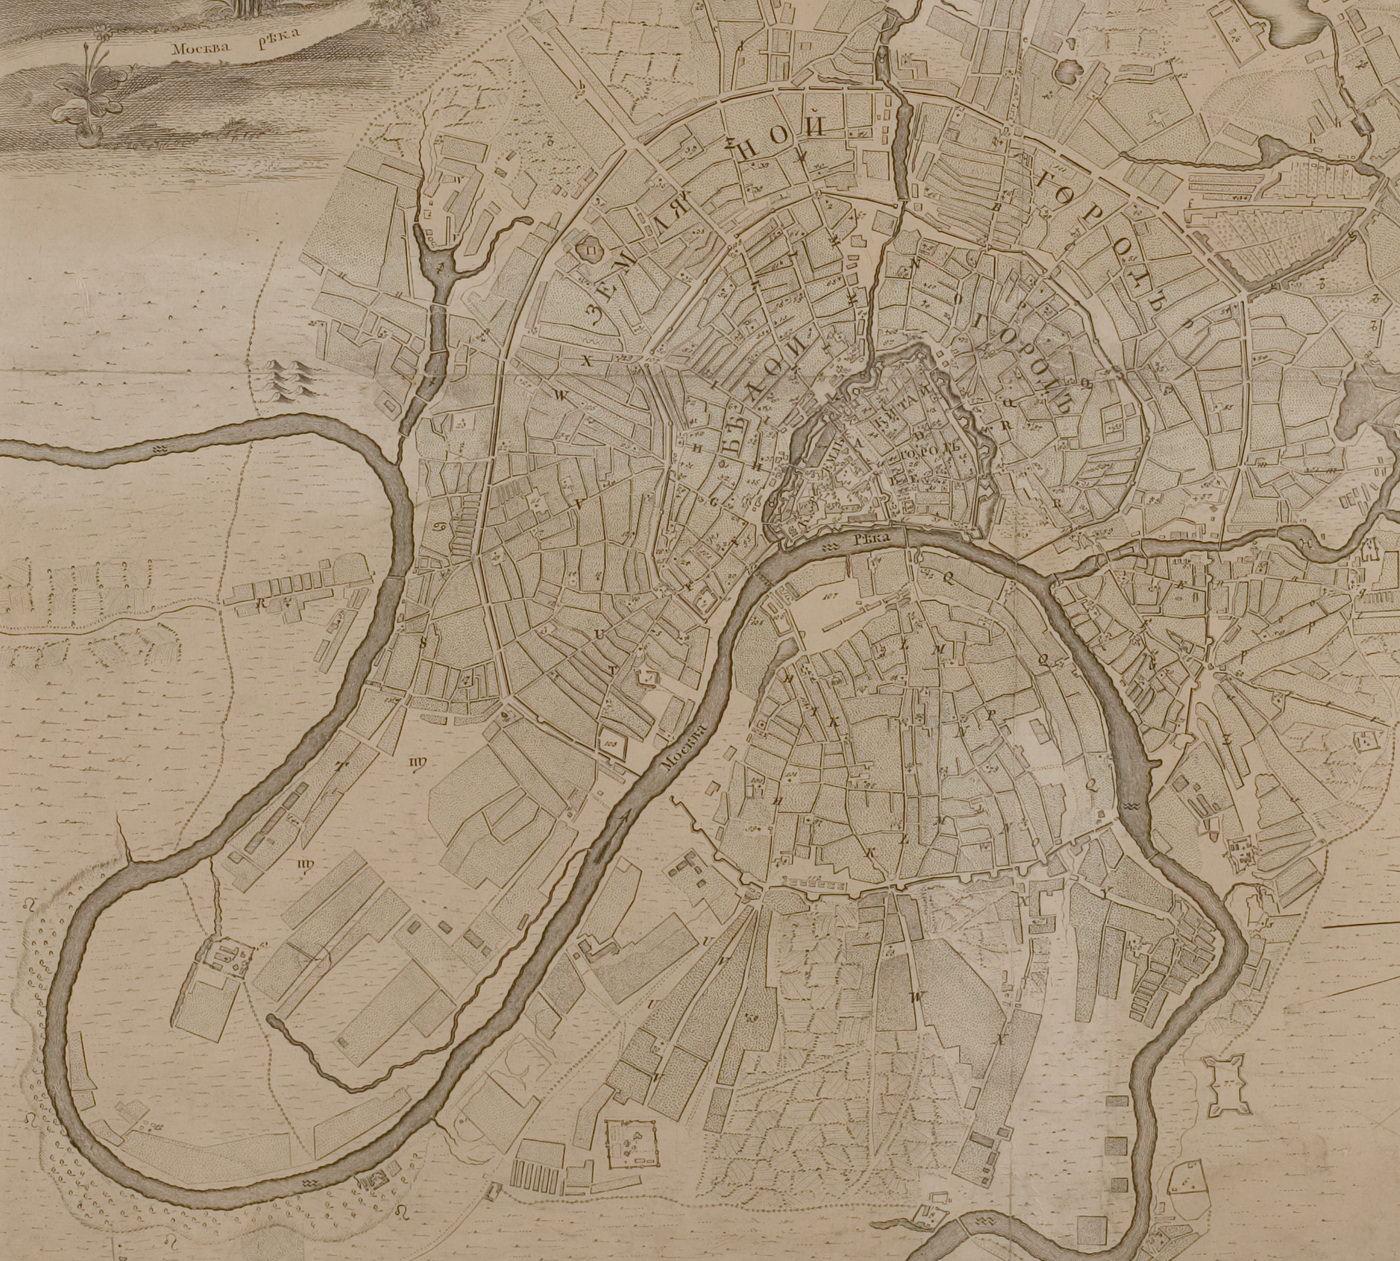 План императорского столичного города Москвы, сочиненный архитектором Иваном Мичуриным, 1739 г